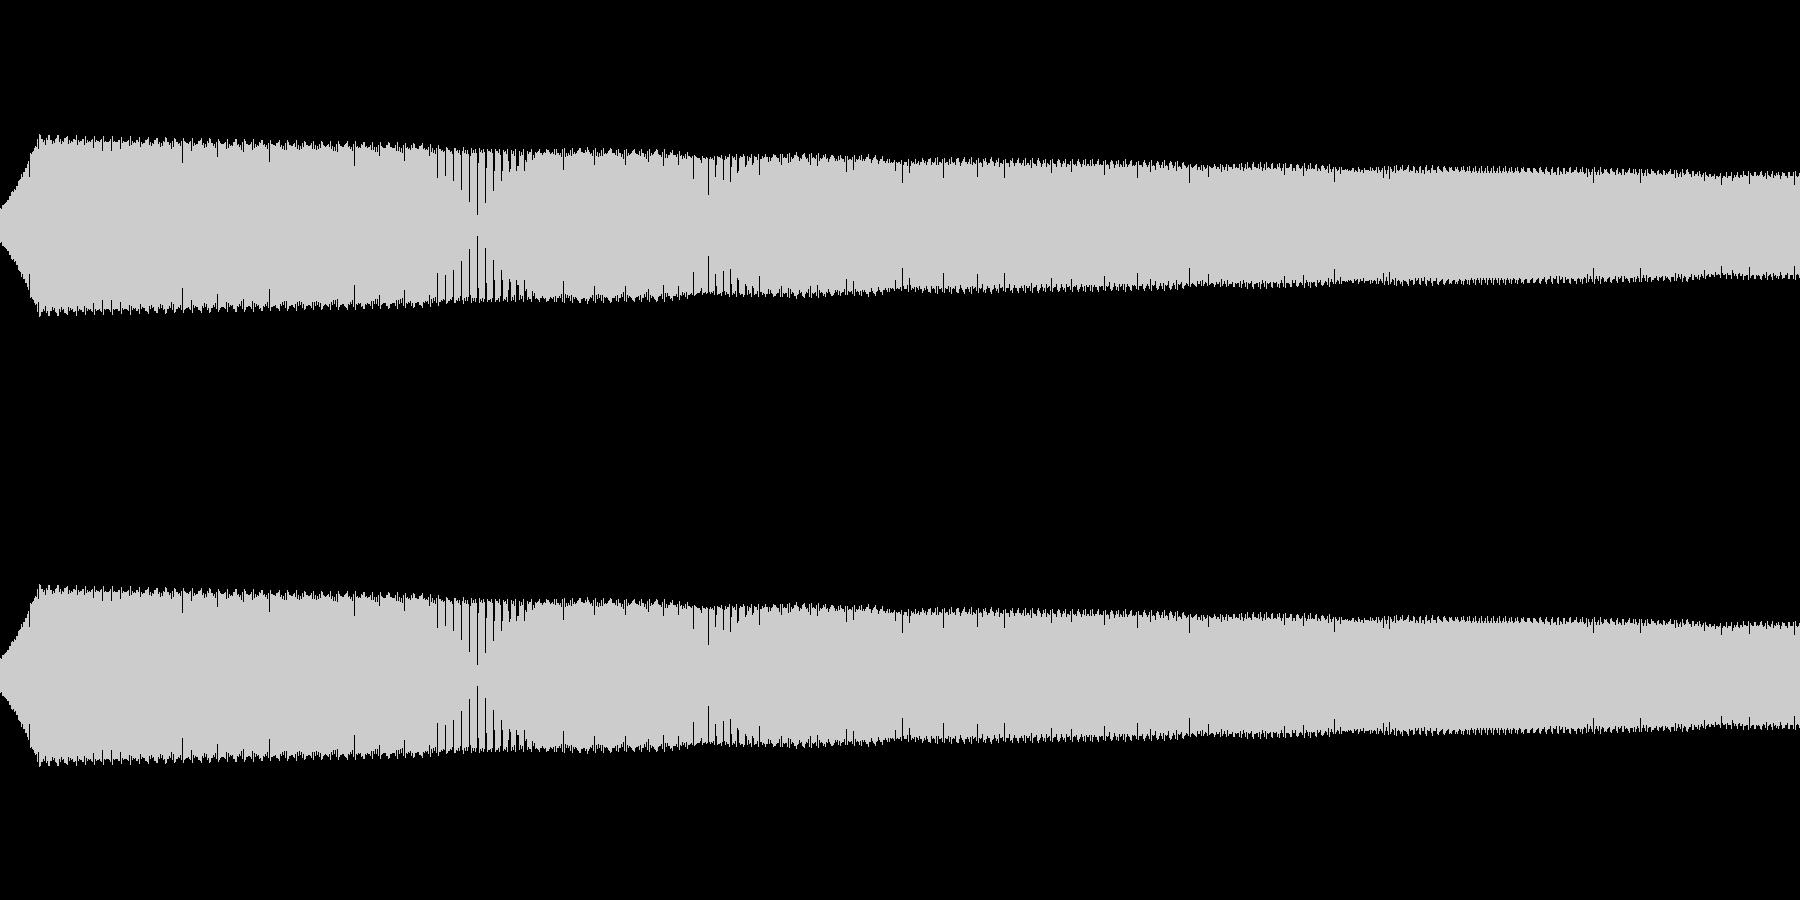 ピョイ:ゲームのジャンプ音の未再生の波形